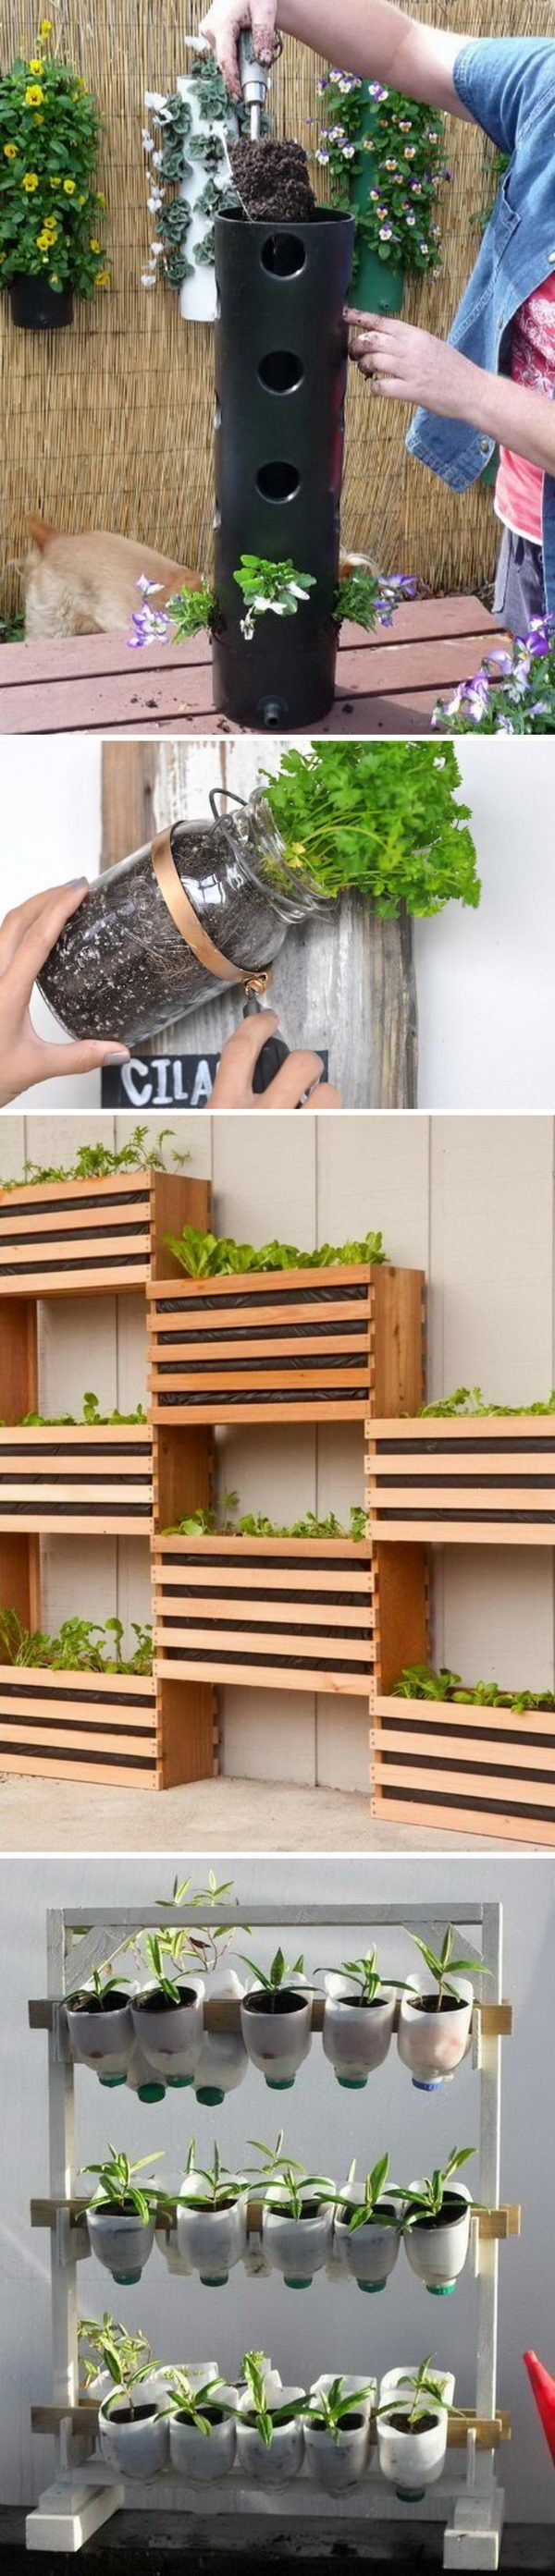 Awesome Vertical Garden Ideas